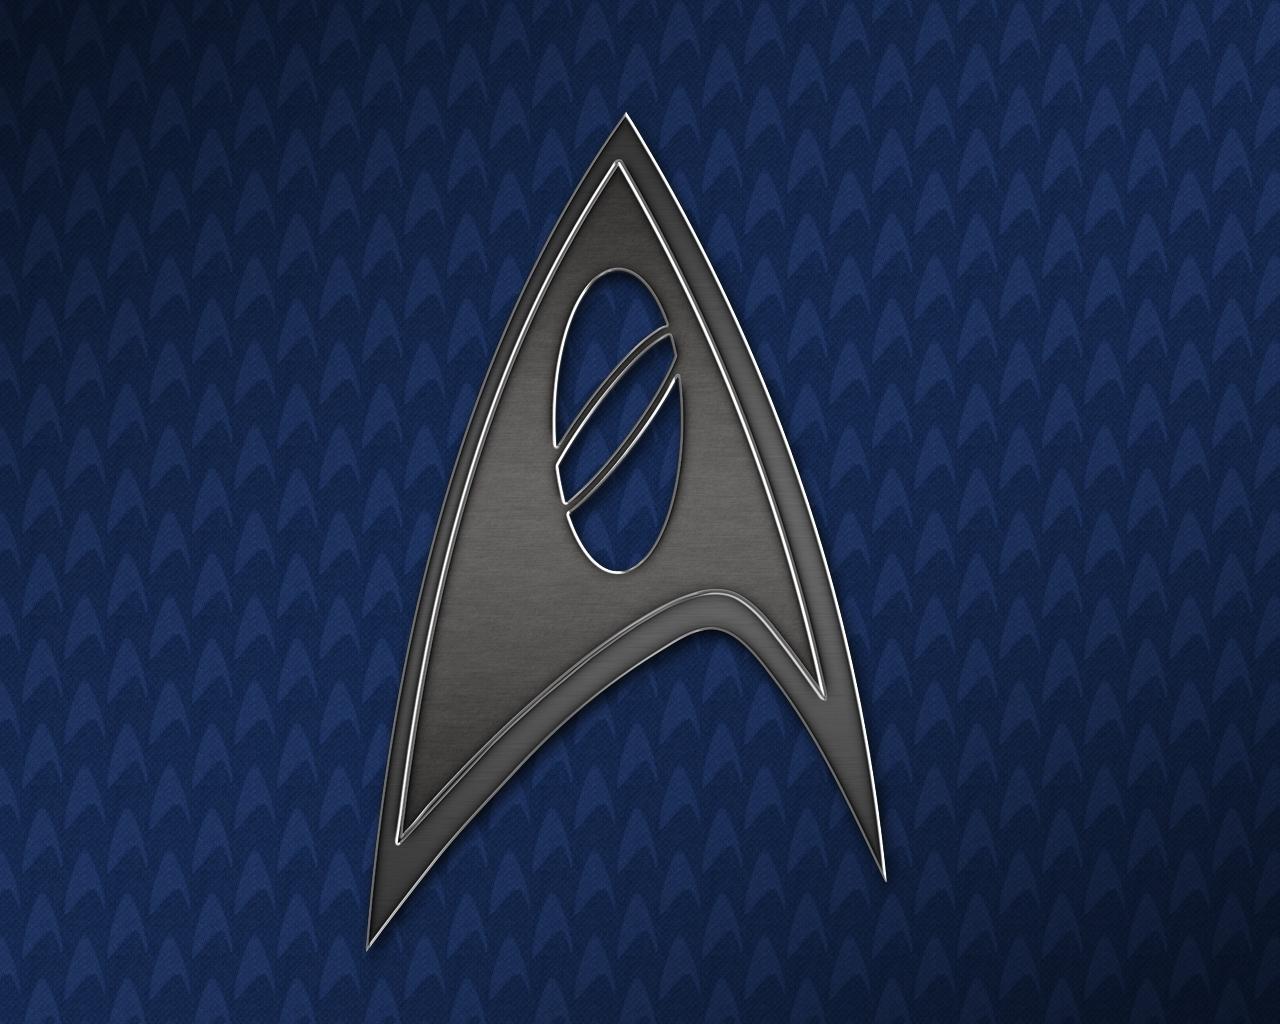 তারকা Trek Science Insignia